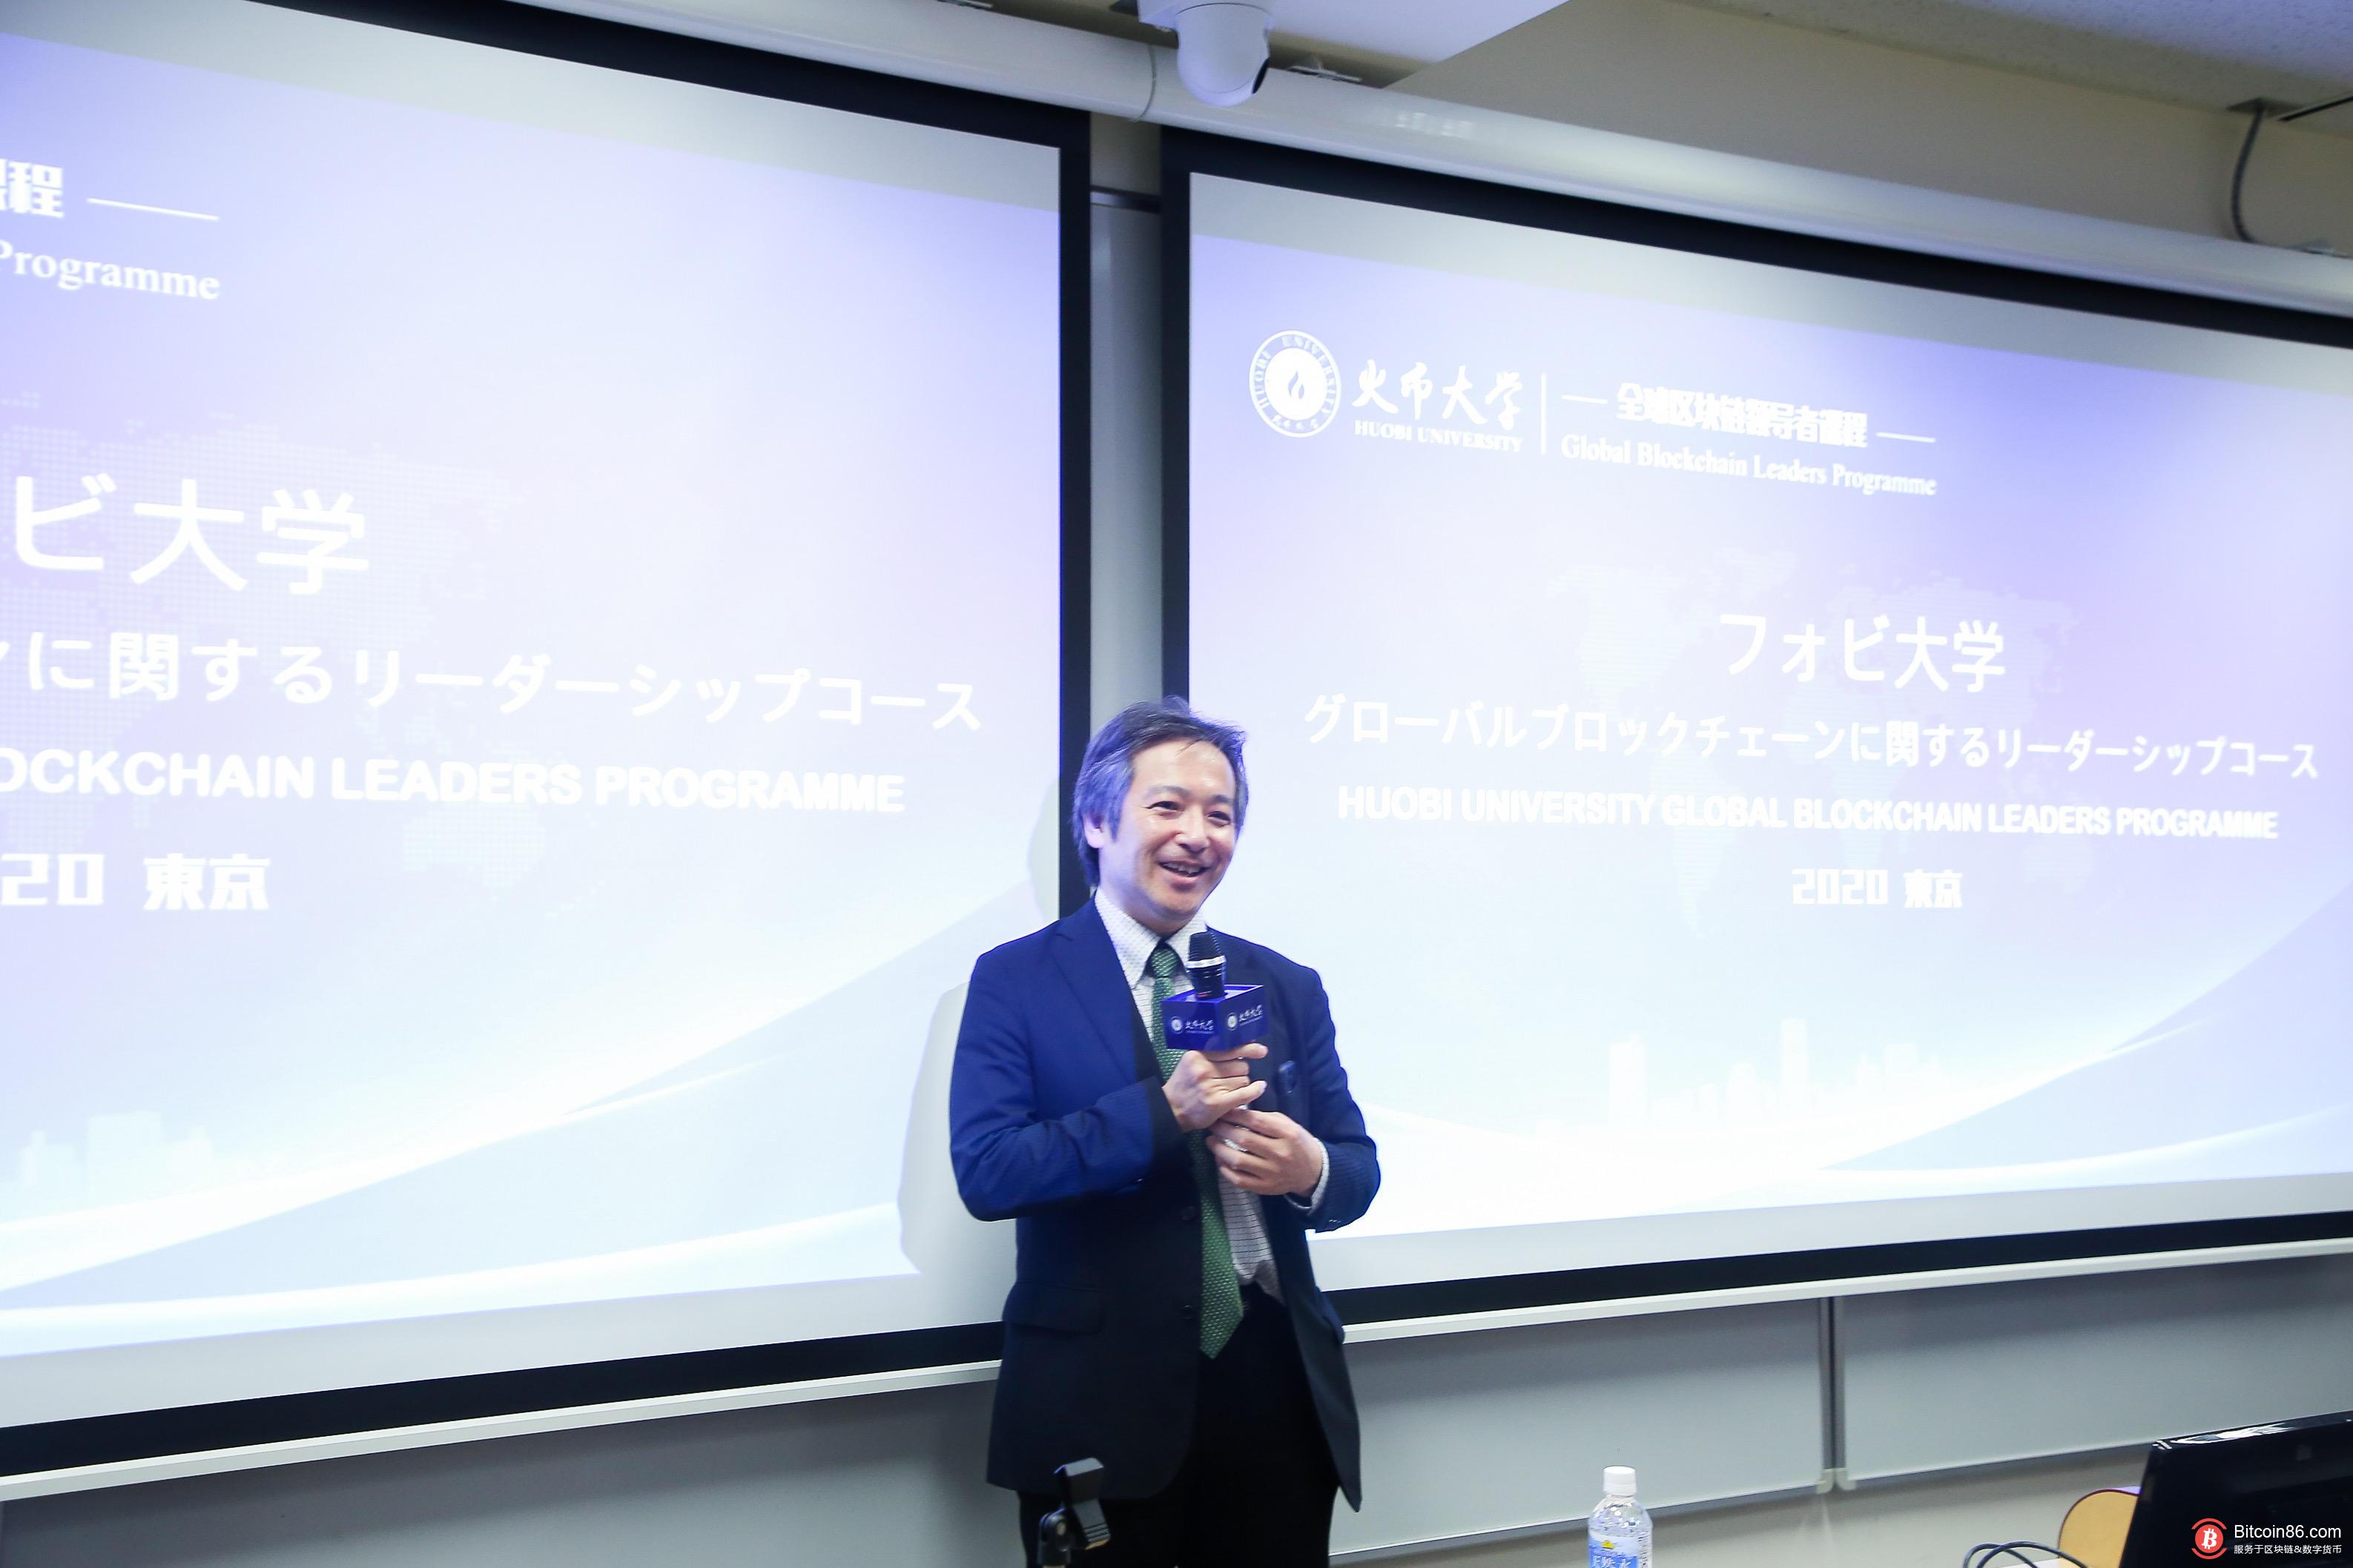 日本法学教授森下哲朗:日本国税厅已经针对加密资产交易征税